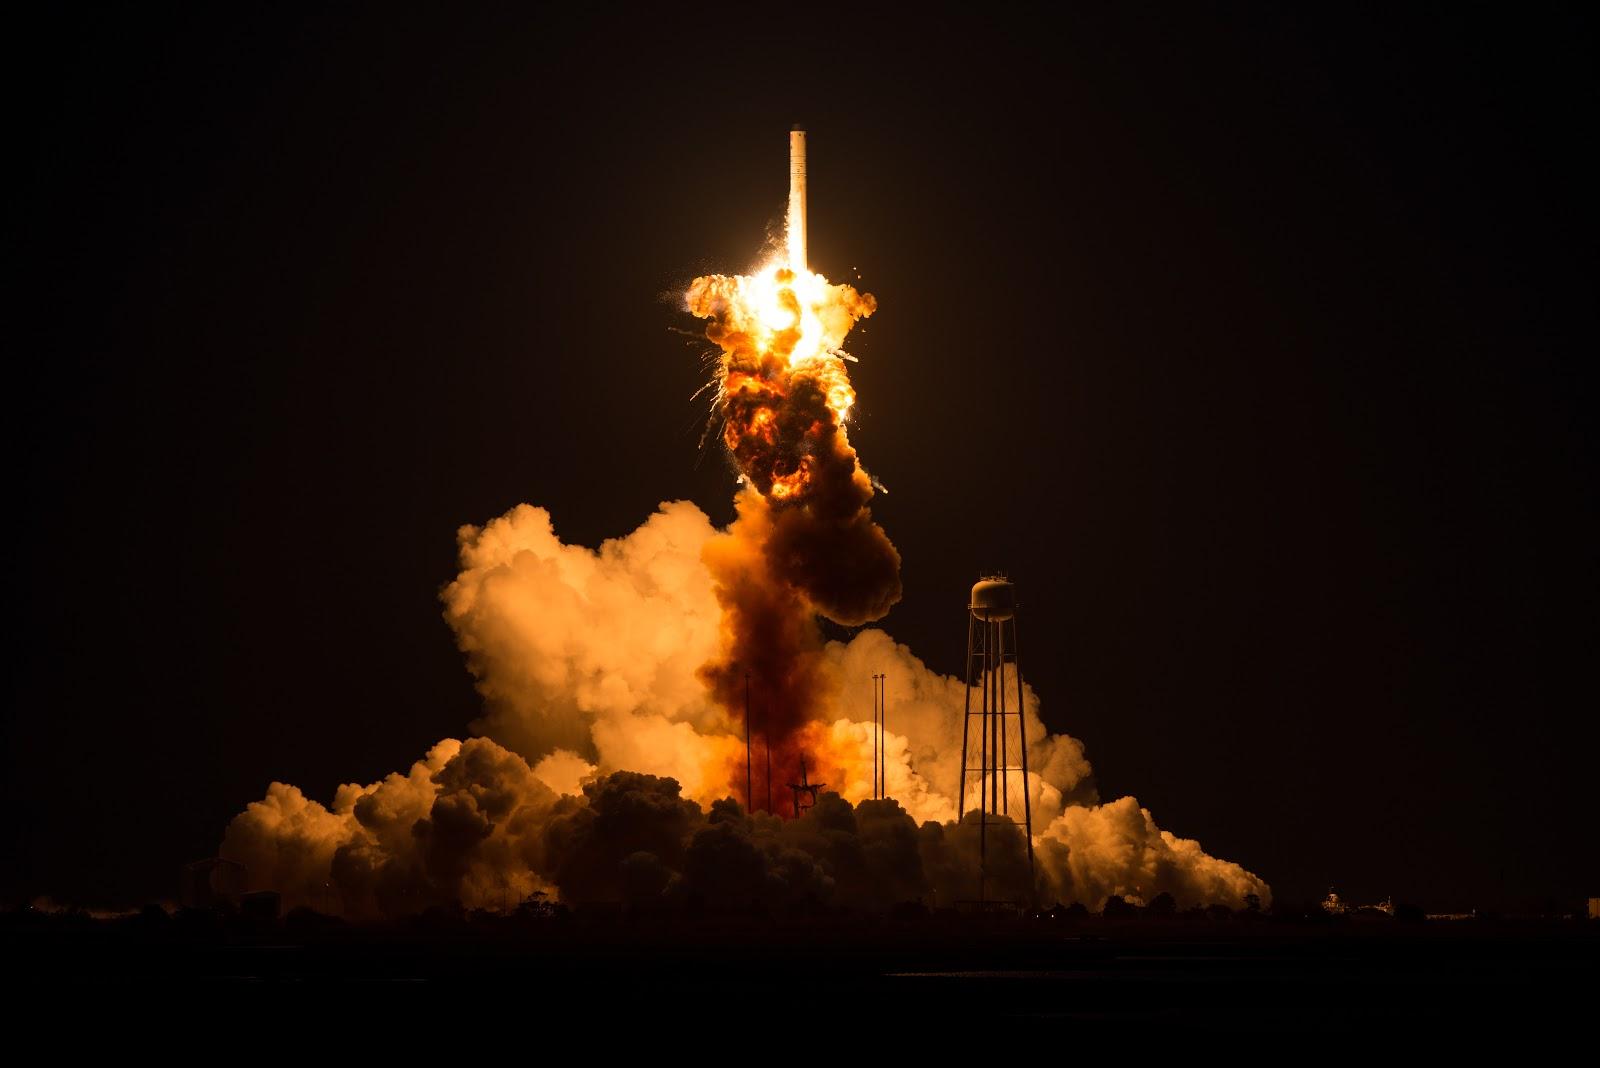 Vụ nổ xảy ra vào chiều ngày 28/10/2014, chỉ sau 6 giây hỏa tiễn được phóng lên. Bản quyền hình ảnh : NASA/Joel Kowsky.